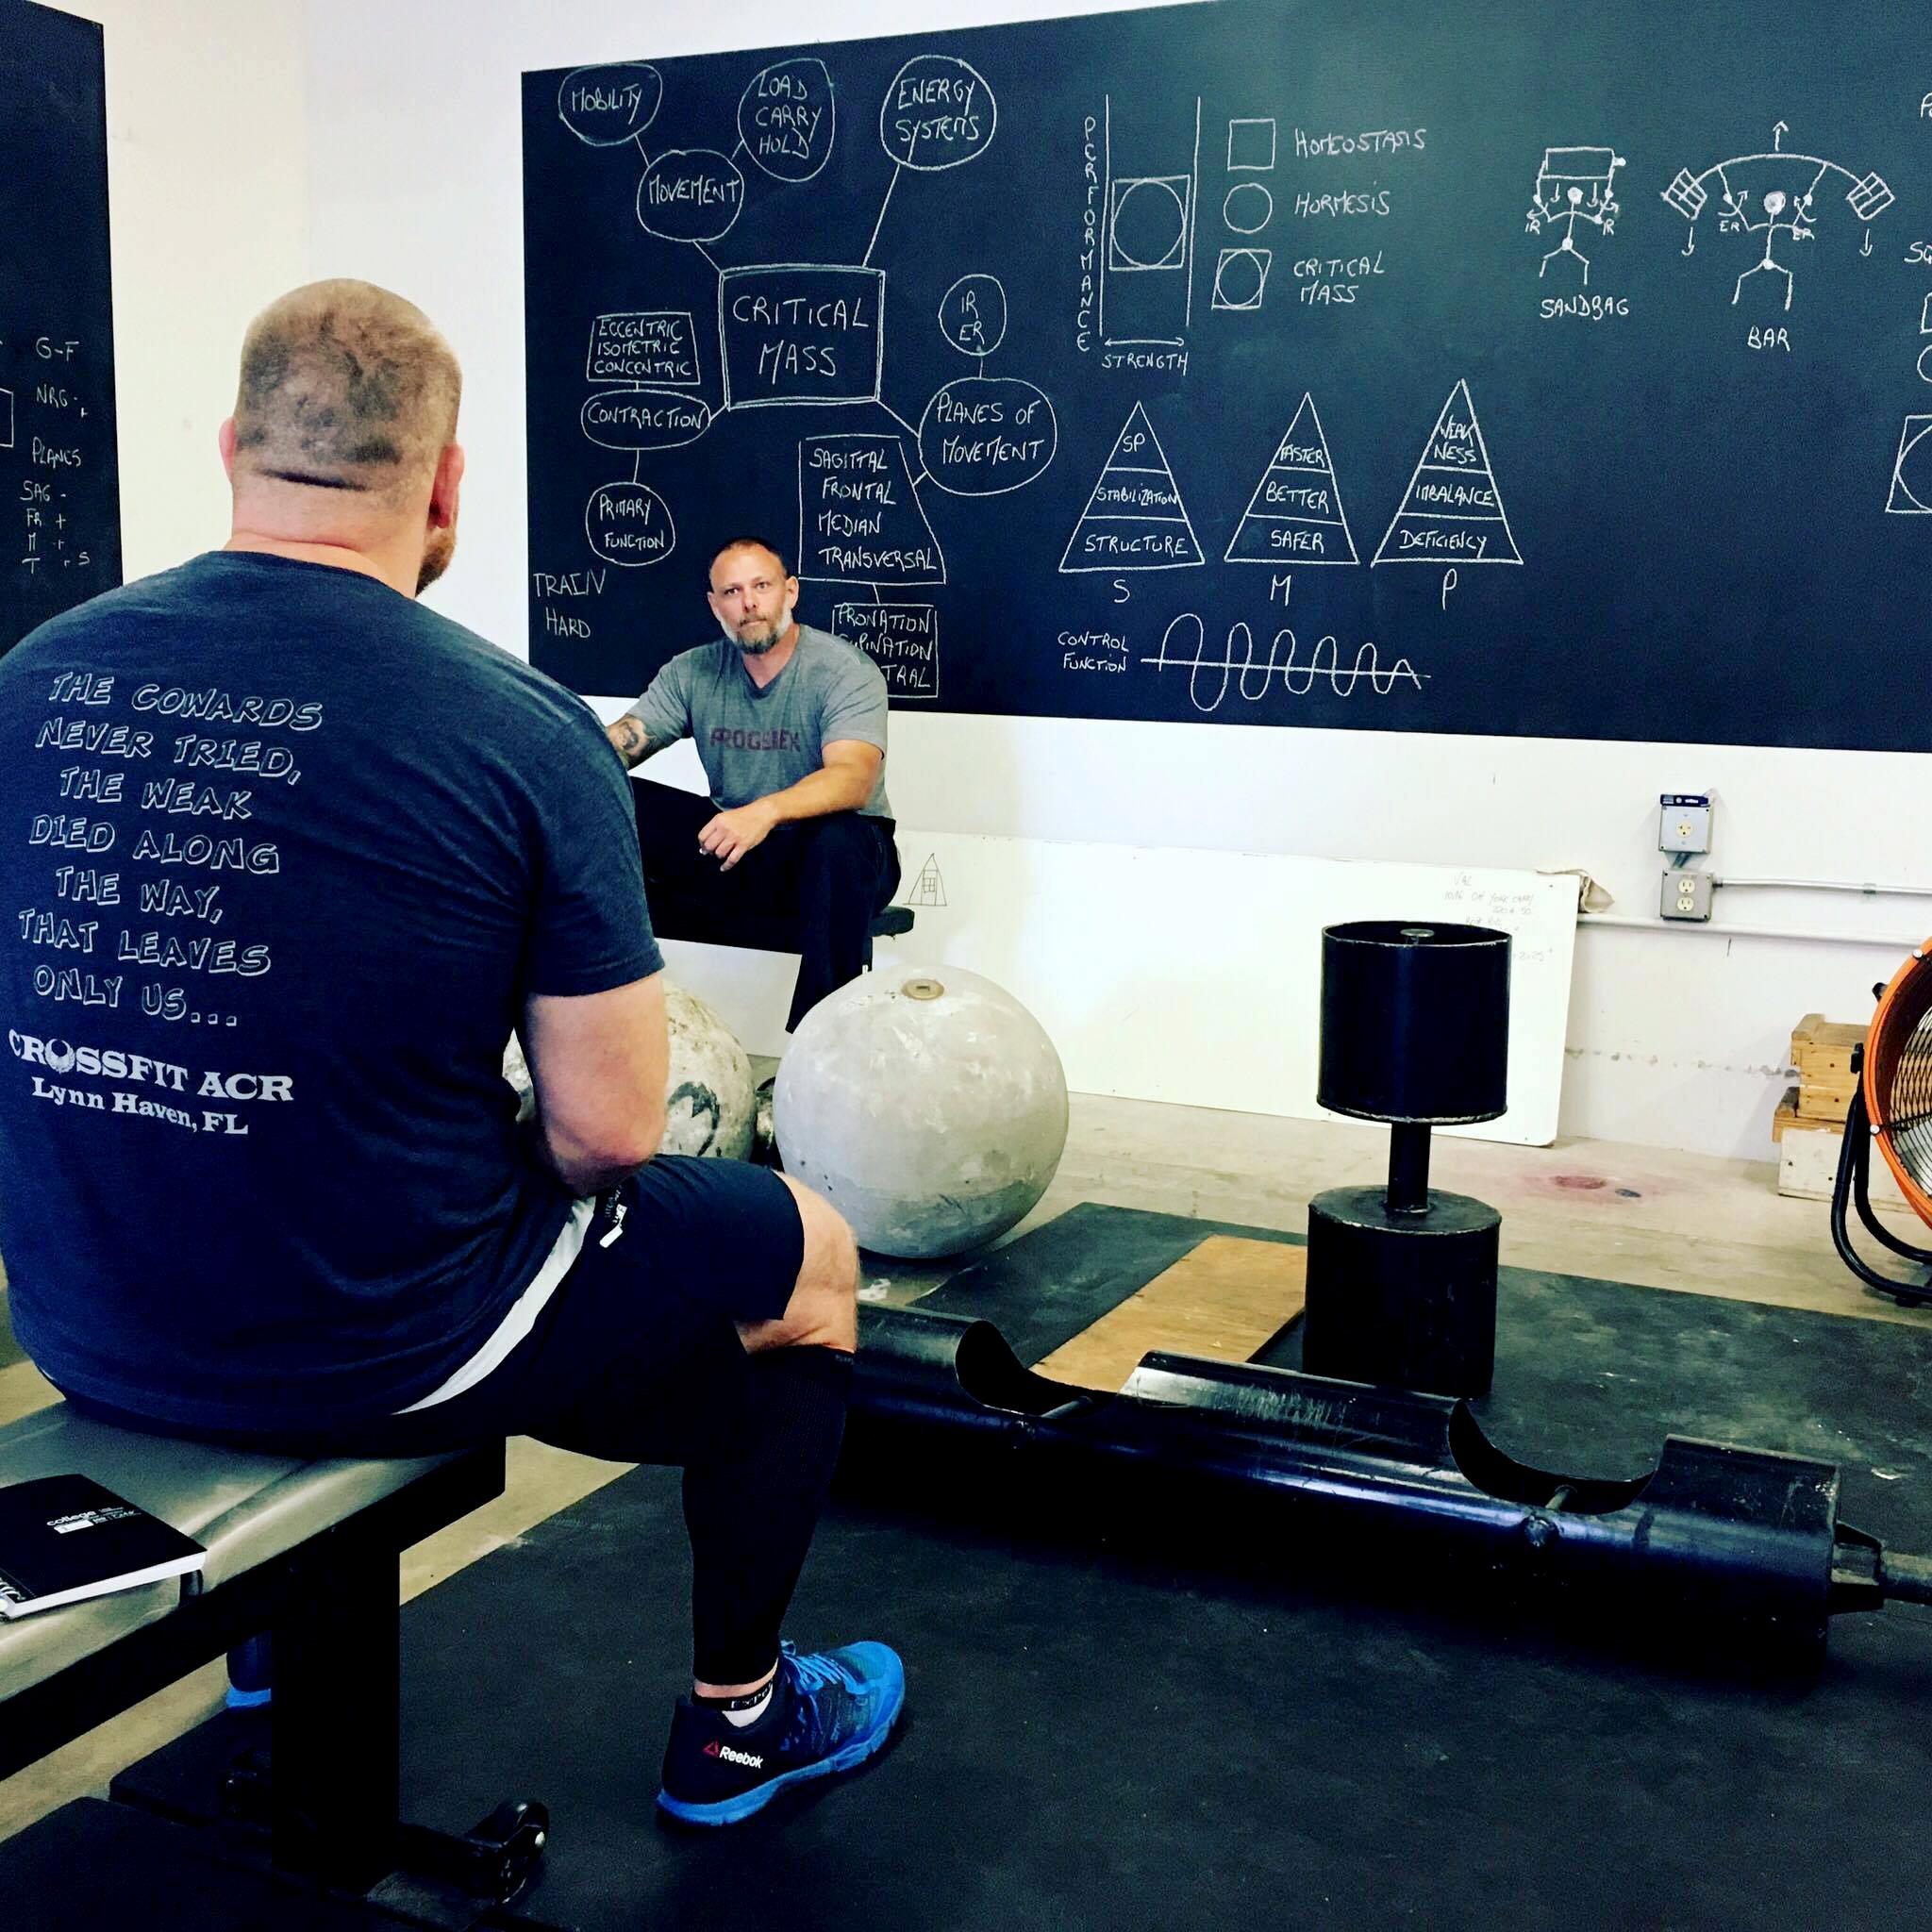 Julien Pineau strongfit coach